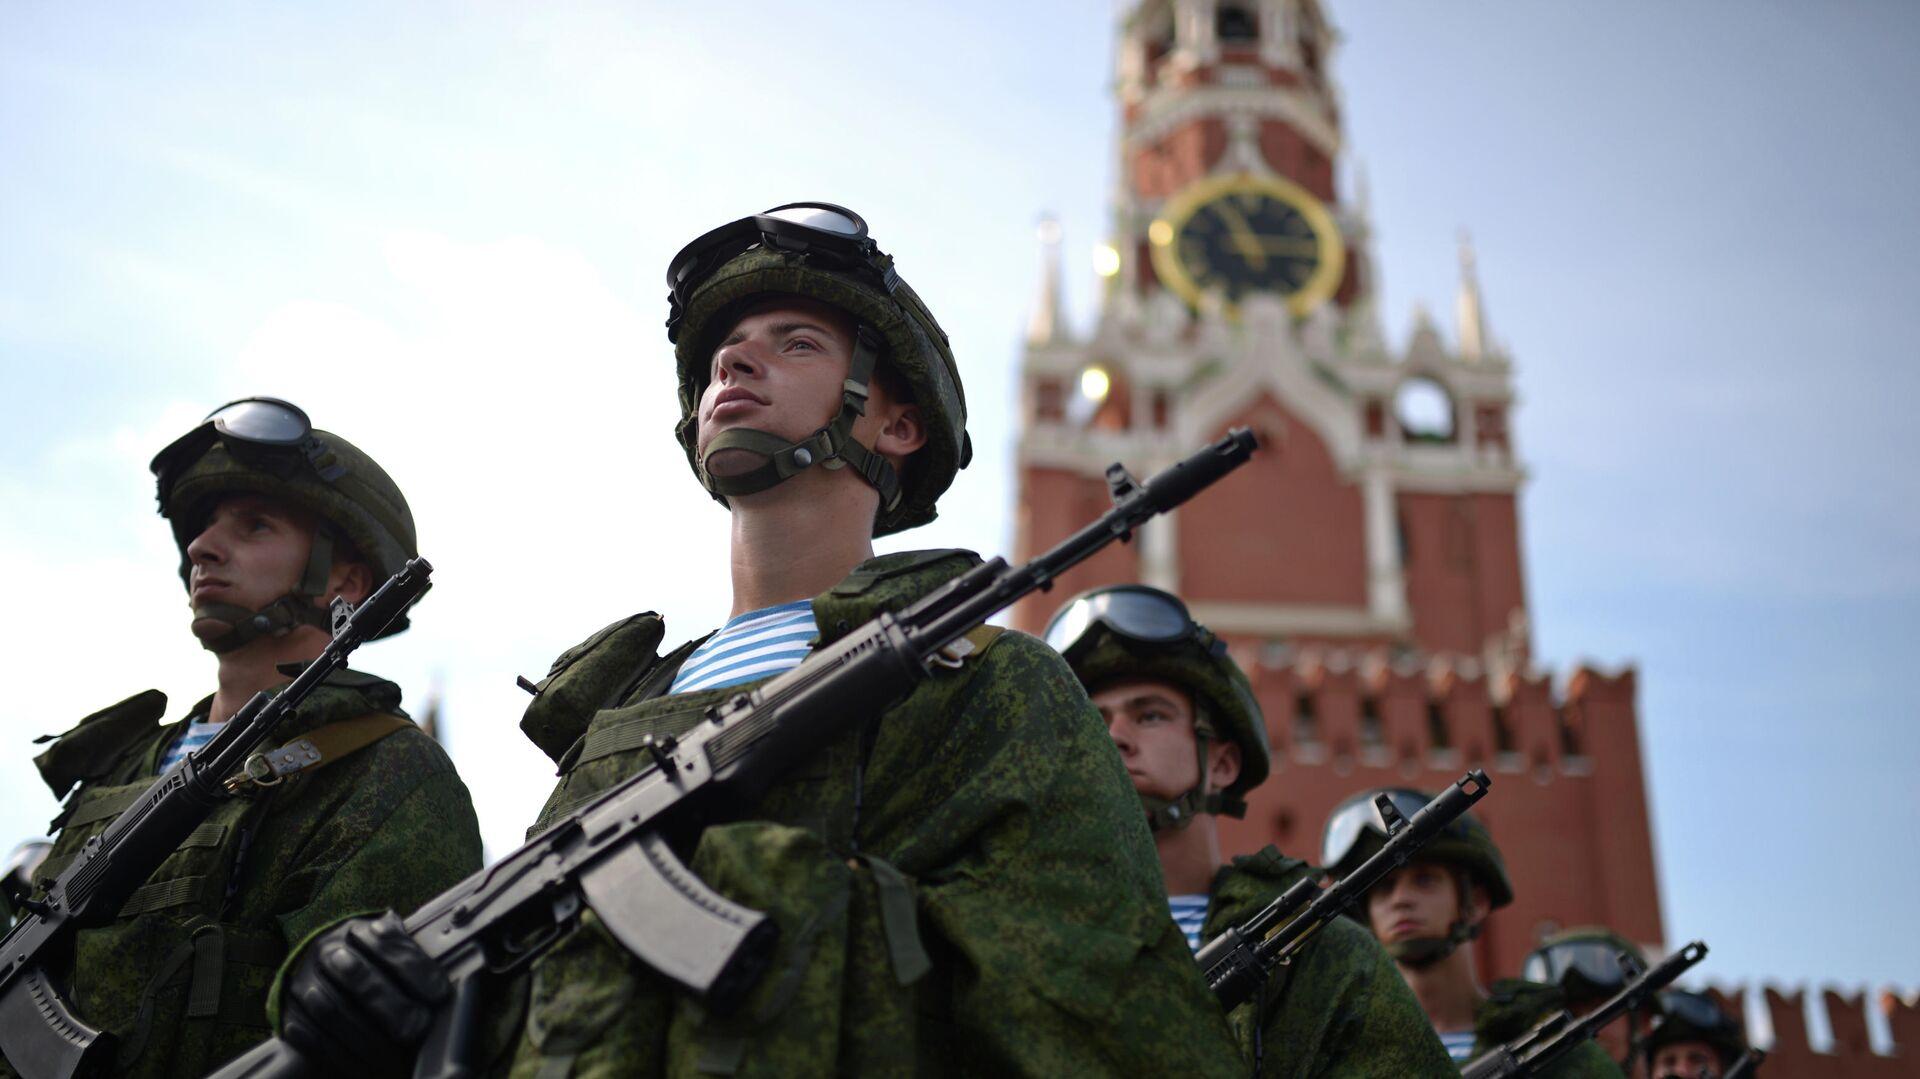 Военнослужащие на Красной площади  - РИА Новости, 1920, 23.02.2020